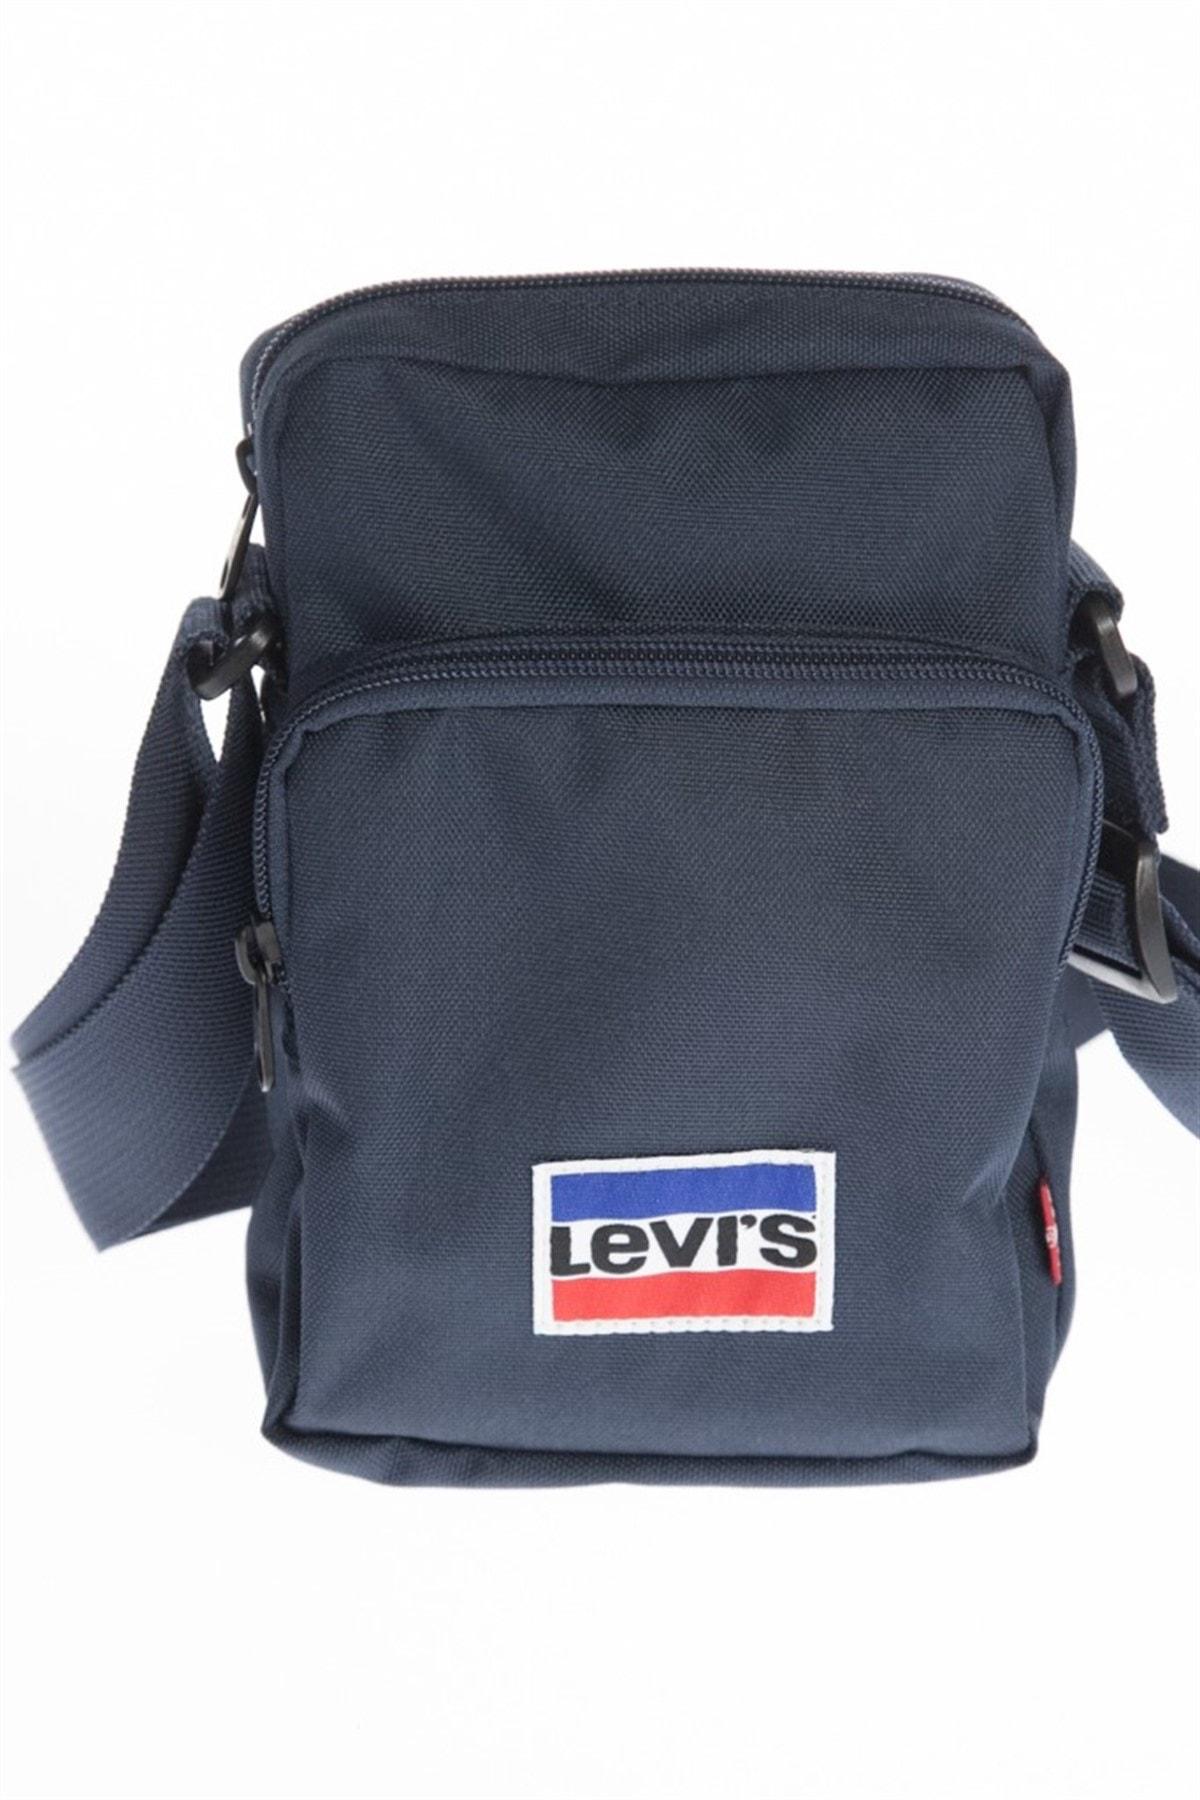 خرید انلاین کیف کمری مردانه طرح دار برند لیوایز رنگ مشکی کد ty35446553